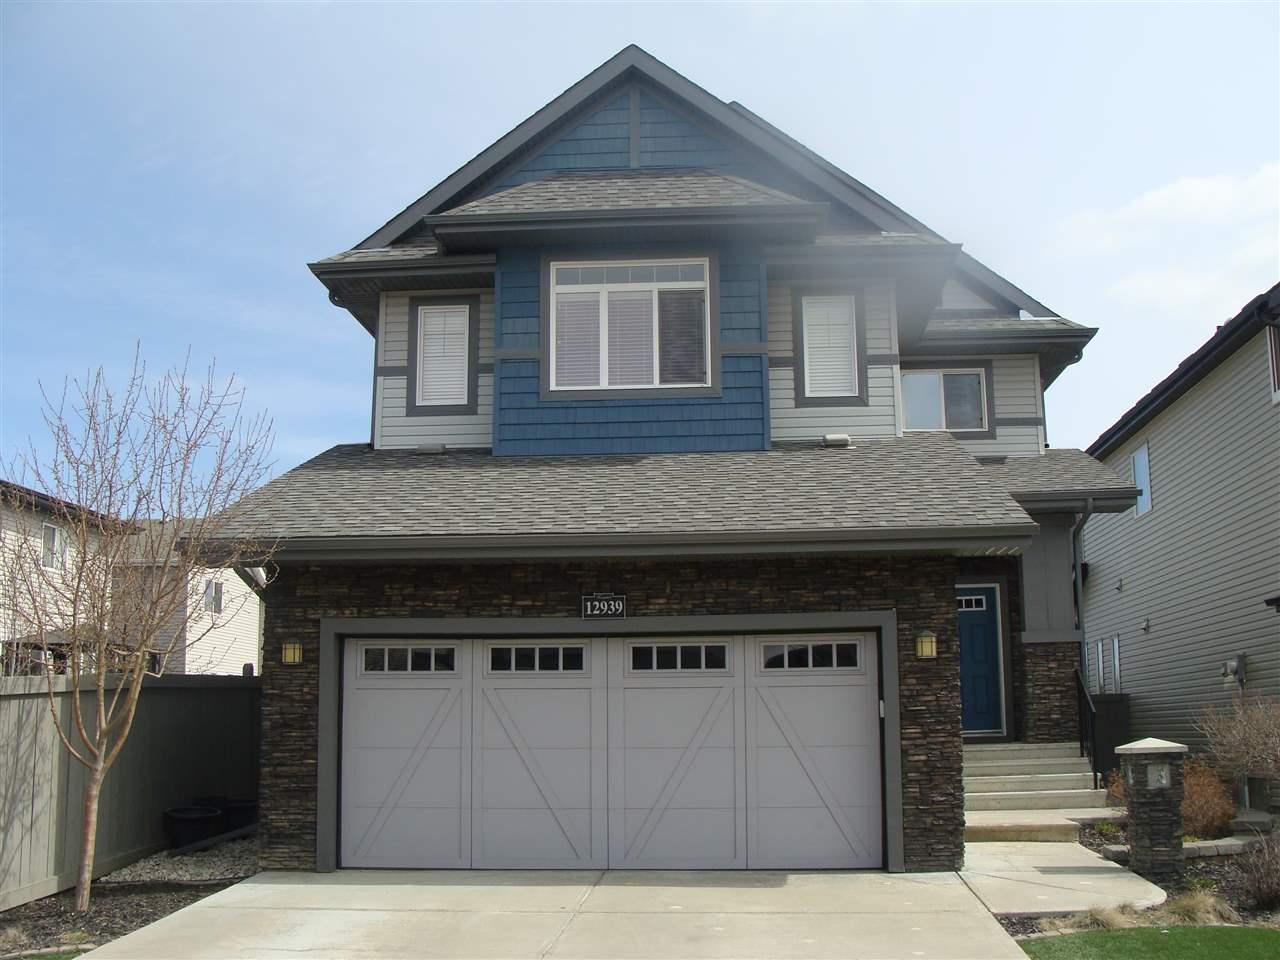 12939 201 Street, Edmonton, MLS® # E4159679